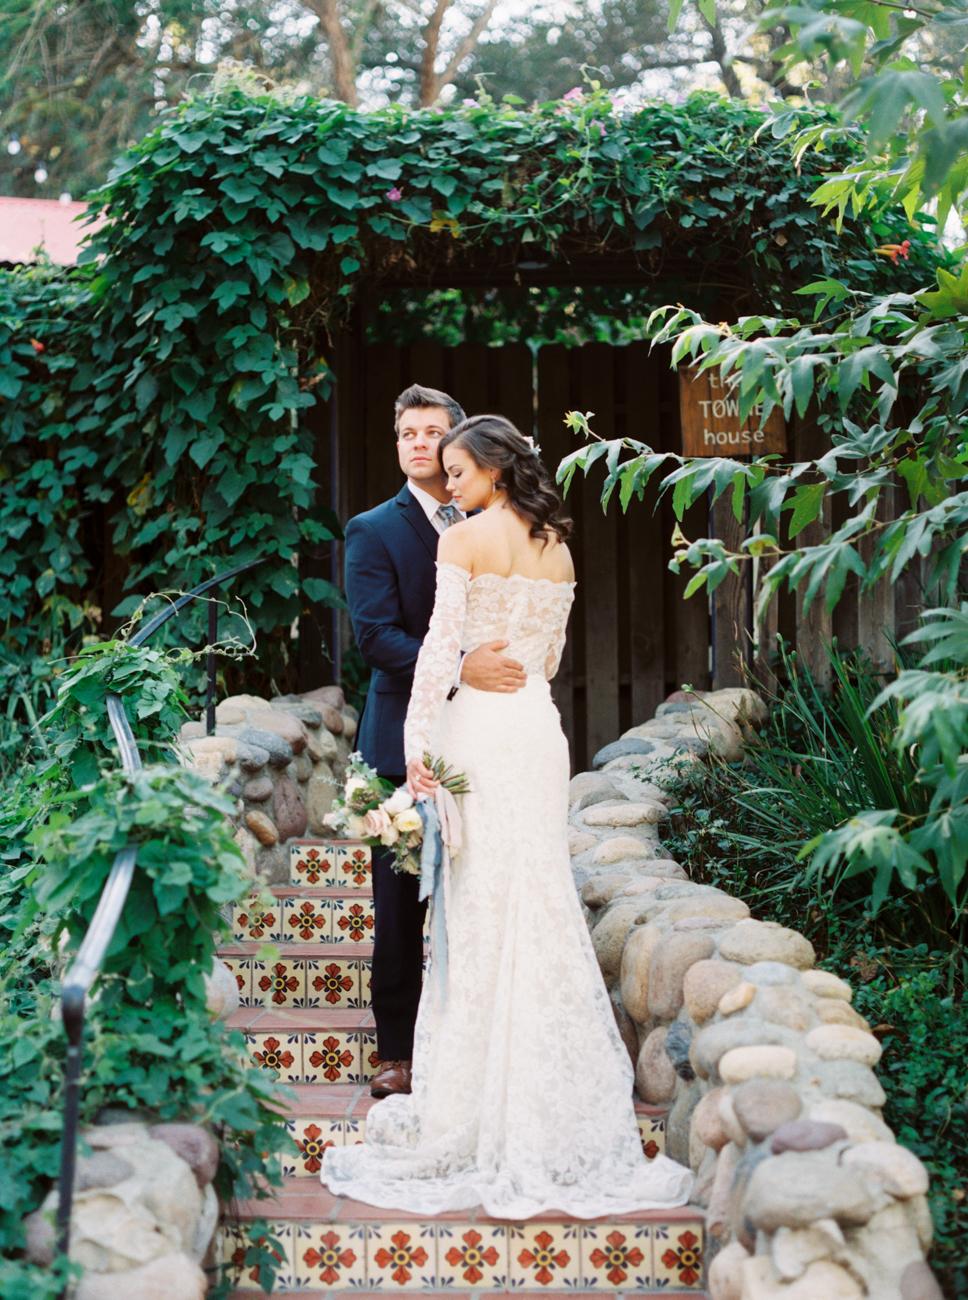 CALIFORNIA WINTER WEDDING | Rancho Las Lomas, CA